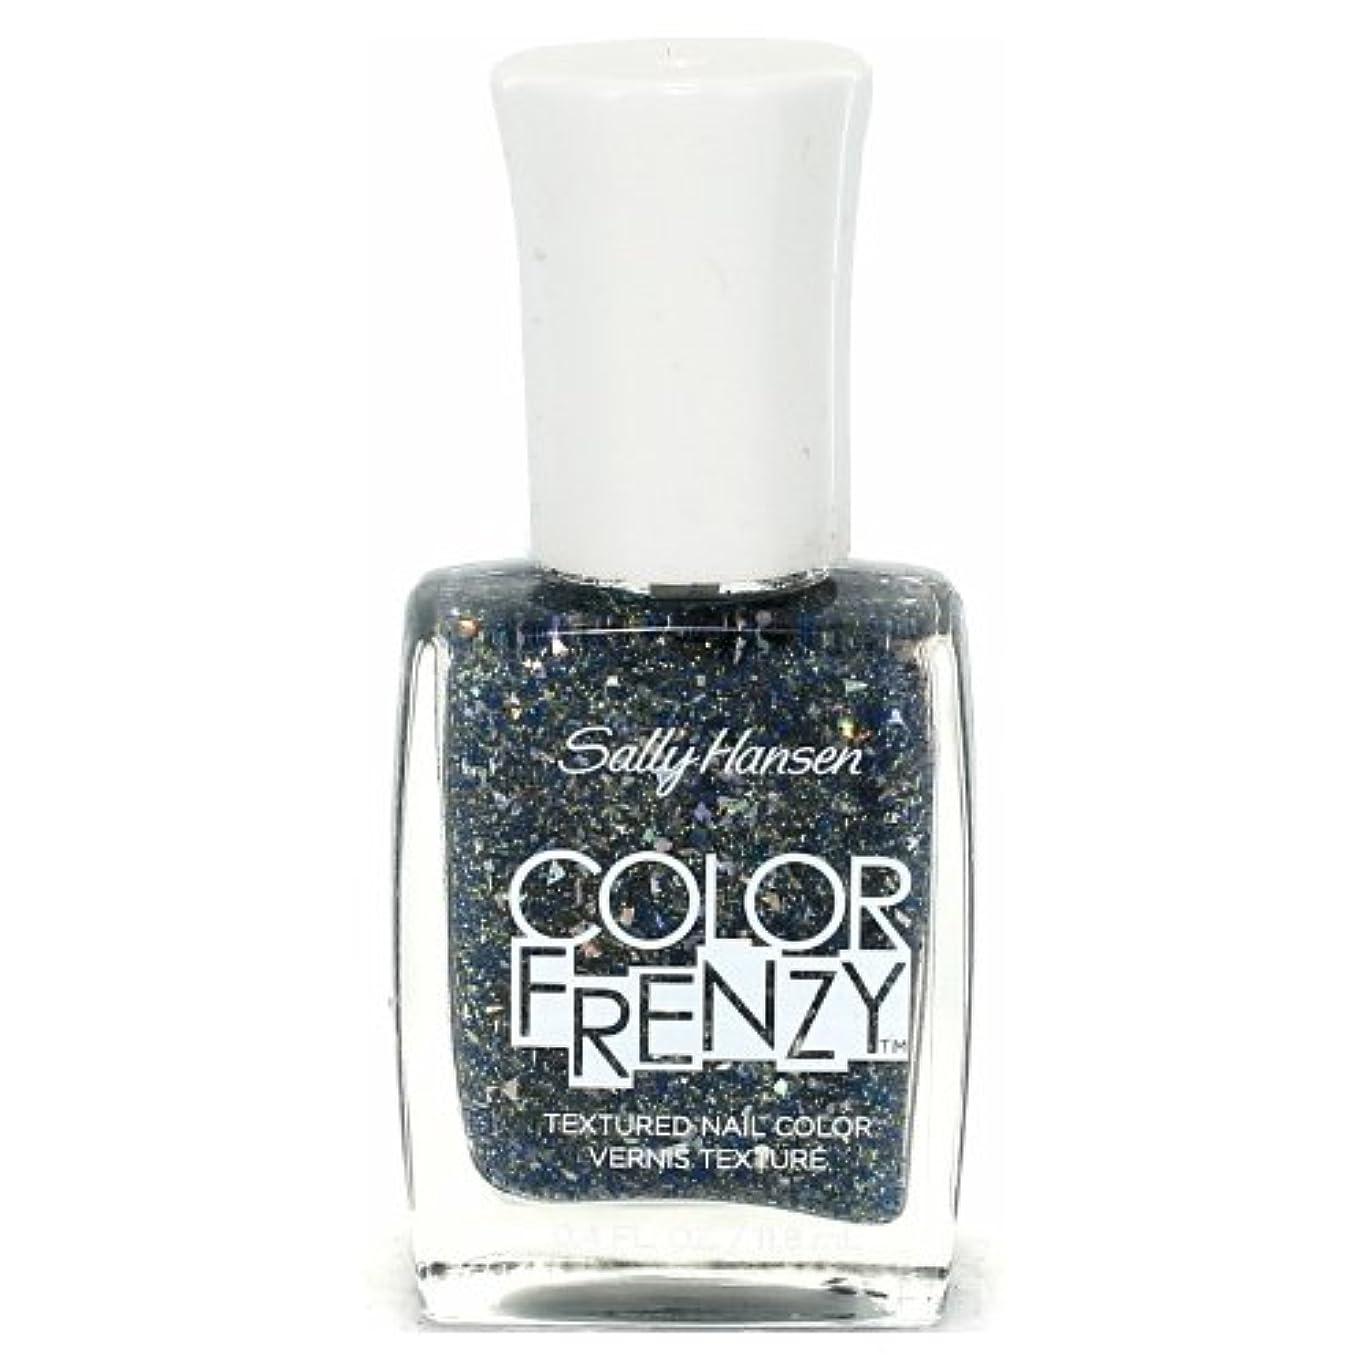 責死ぬ予想外(3 Pack) SALLY HANSEN Color Frenzy Textured Nail Color - Sea Salt (並行輸入品)